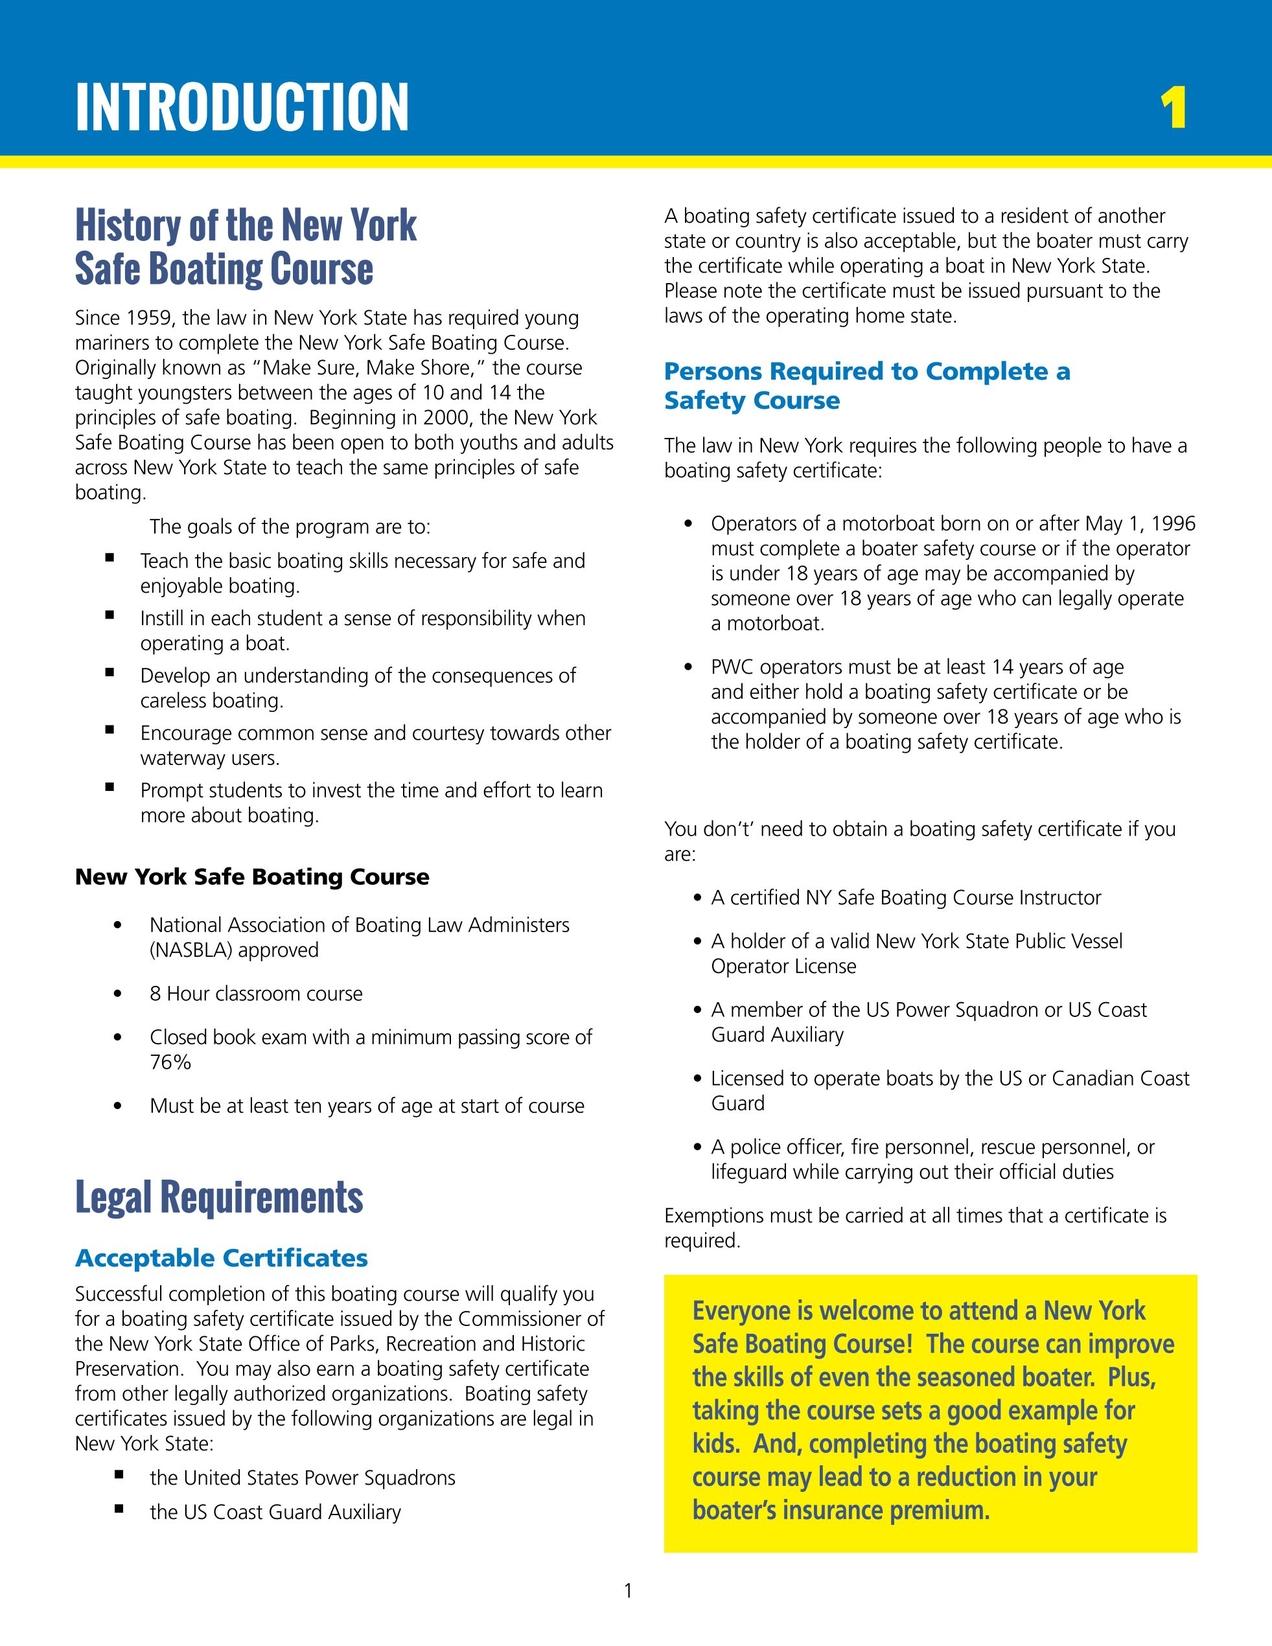 2015 New York Safe Boating